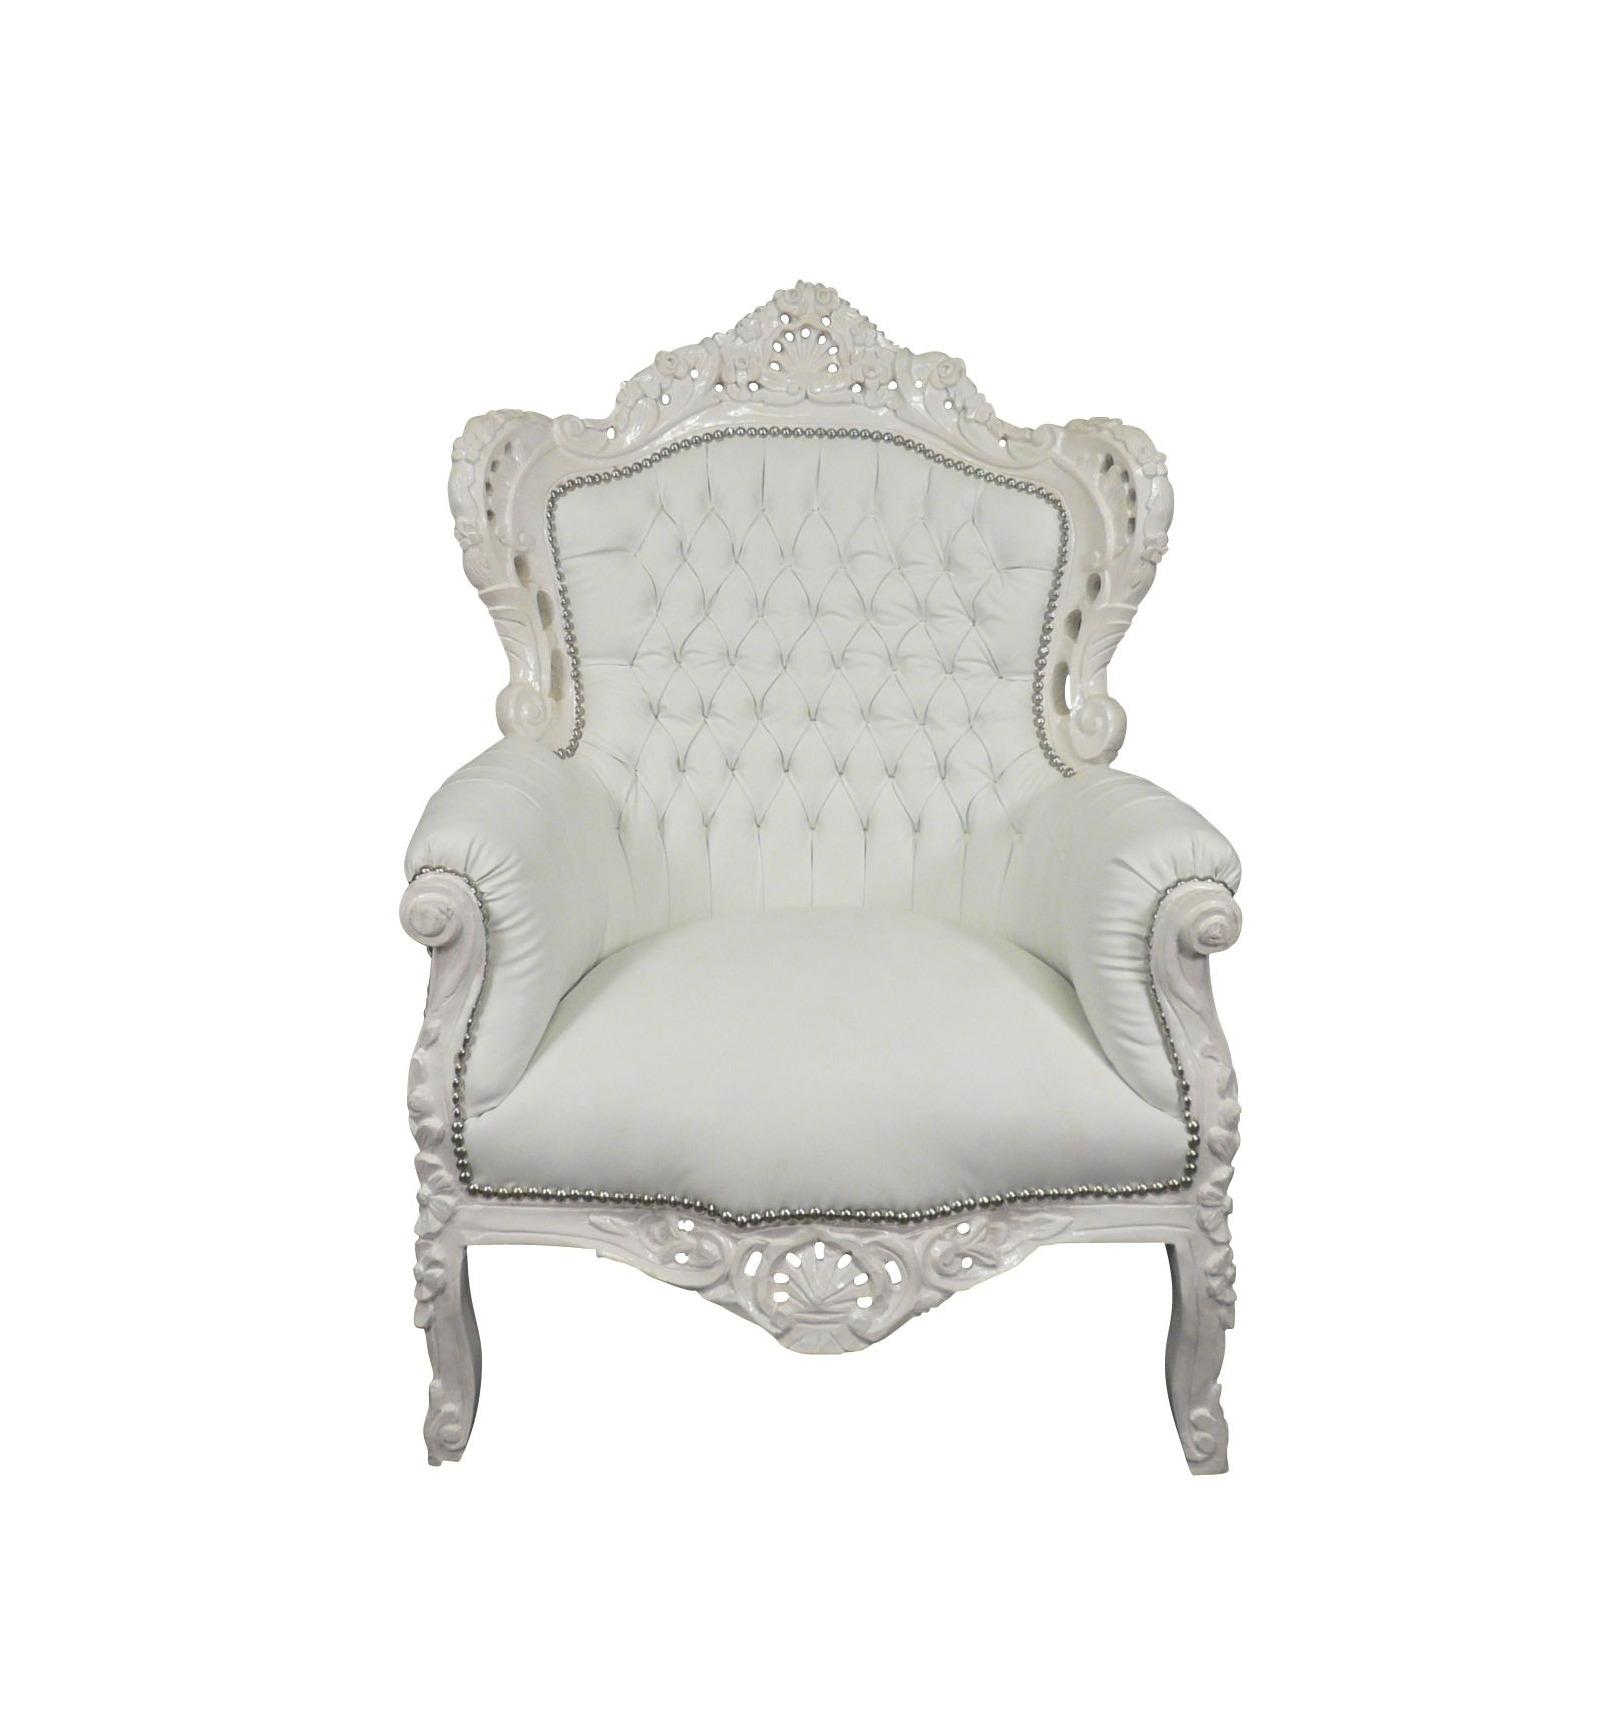 Fauteuil baroque blanc meubles pour une deco moderne et l gante - Meuble baroque blanc ...